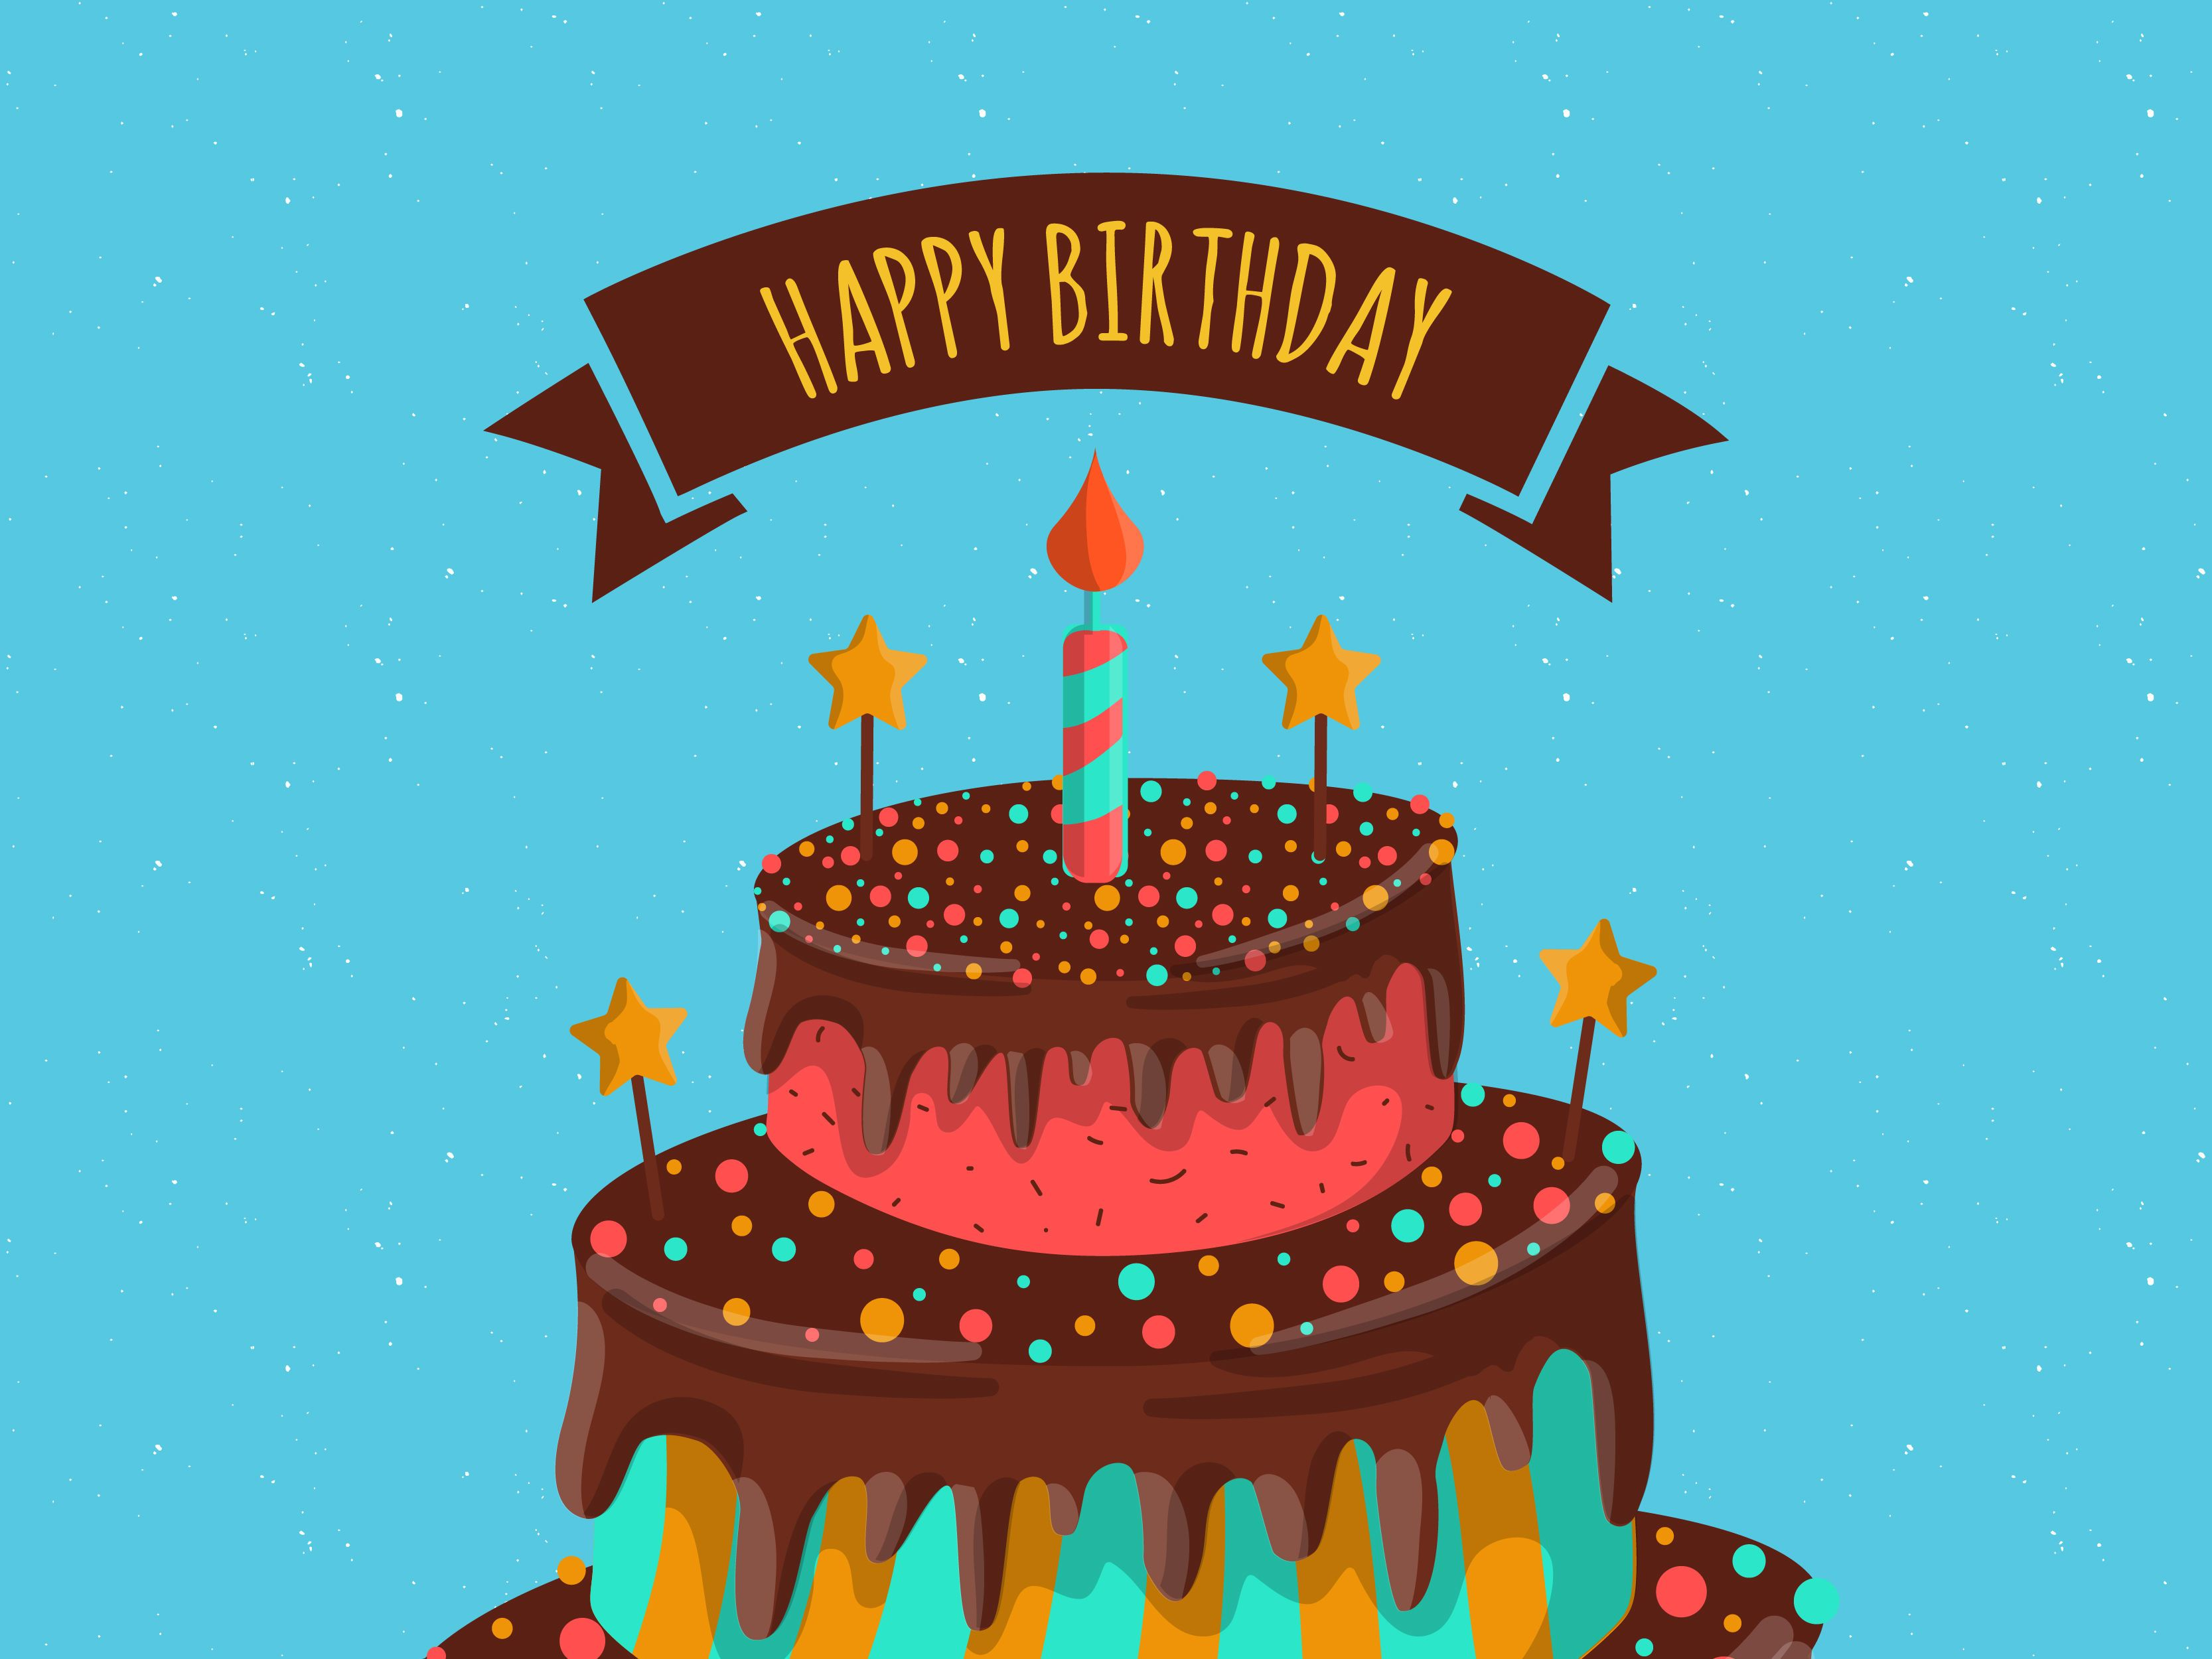 Tarjeta del feliz cumpleaños con pastel